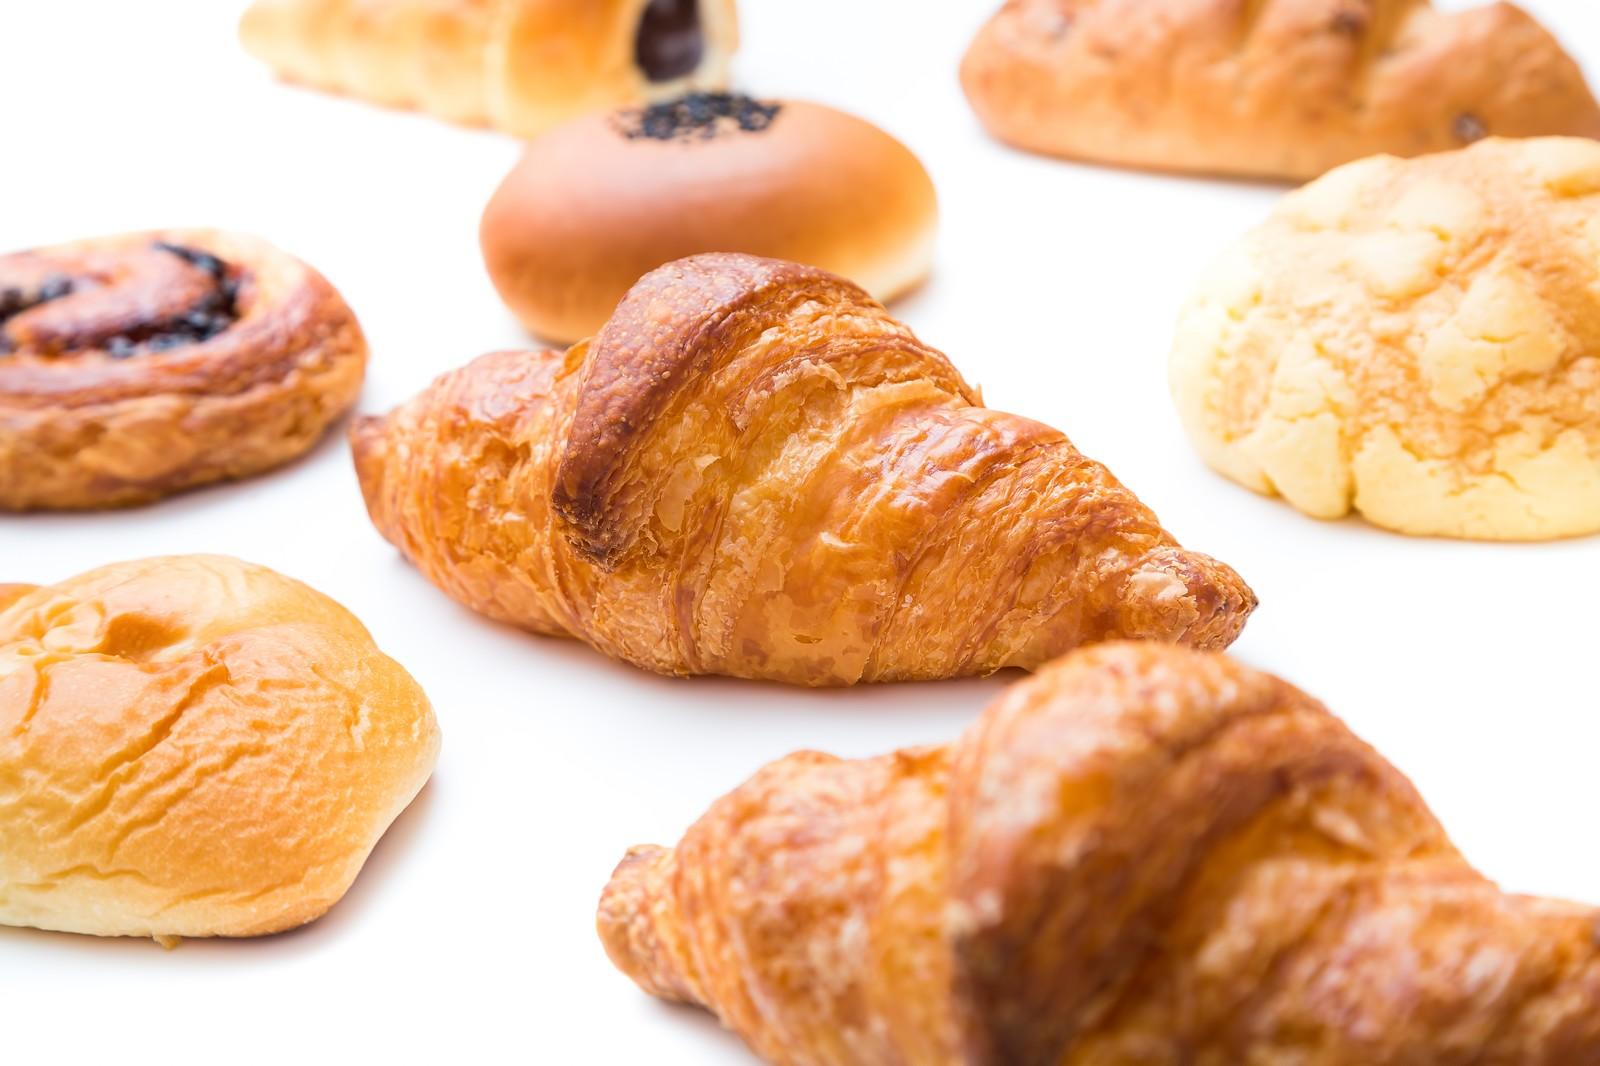 VIRONのパンが美味しい!おすすめの種類や値段・ランチメニューをお届け